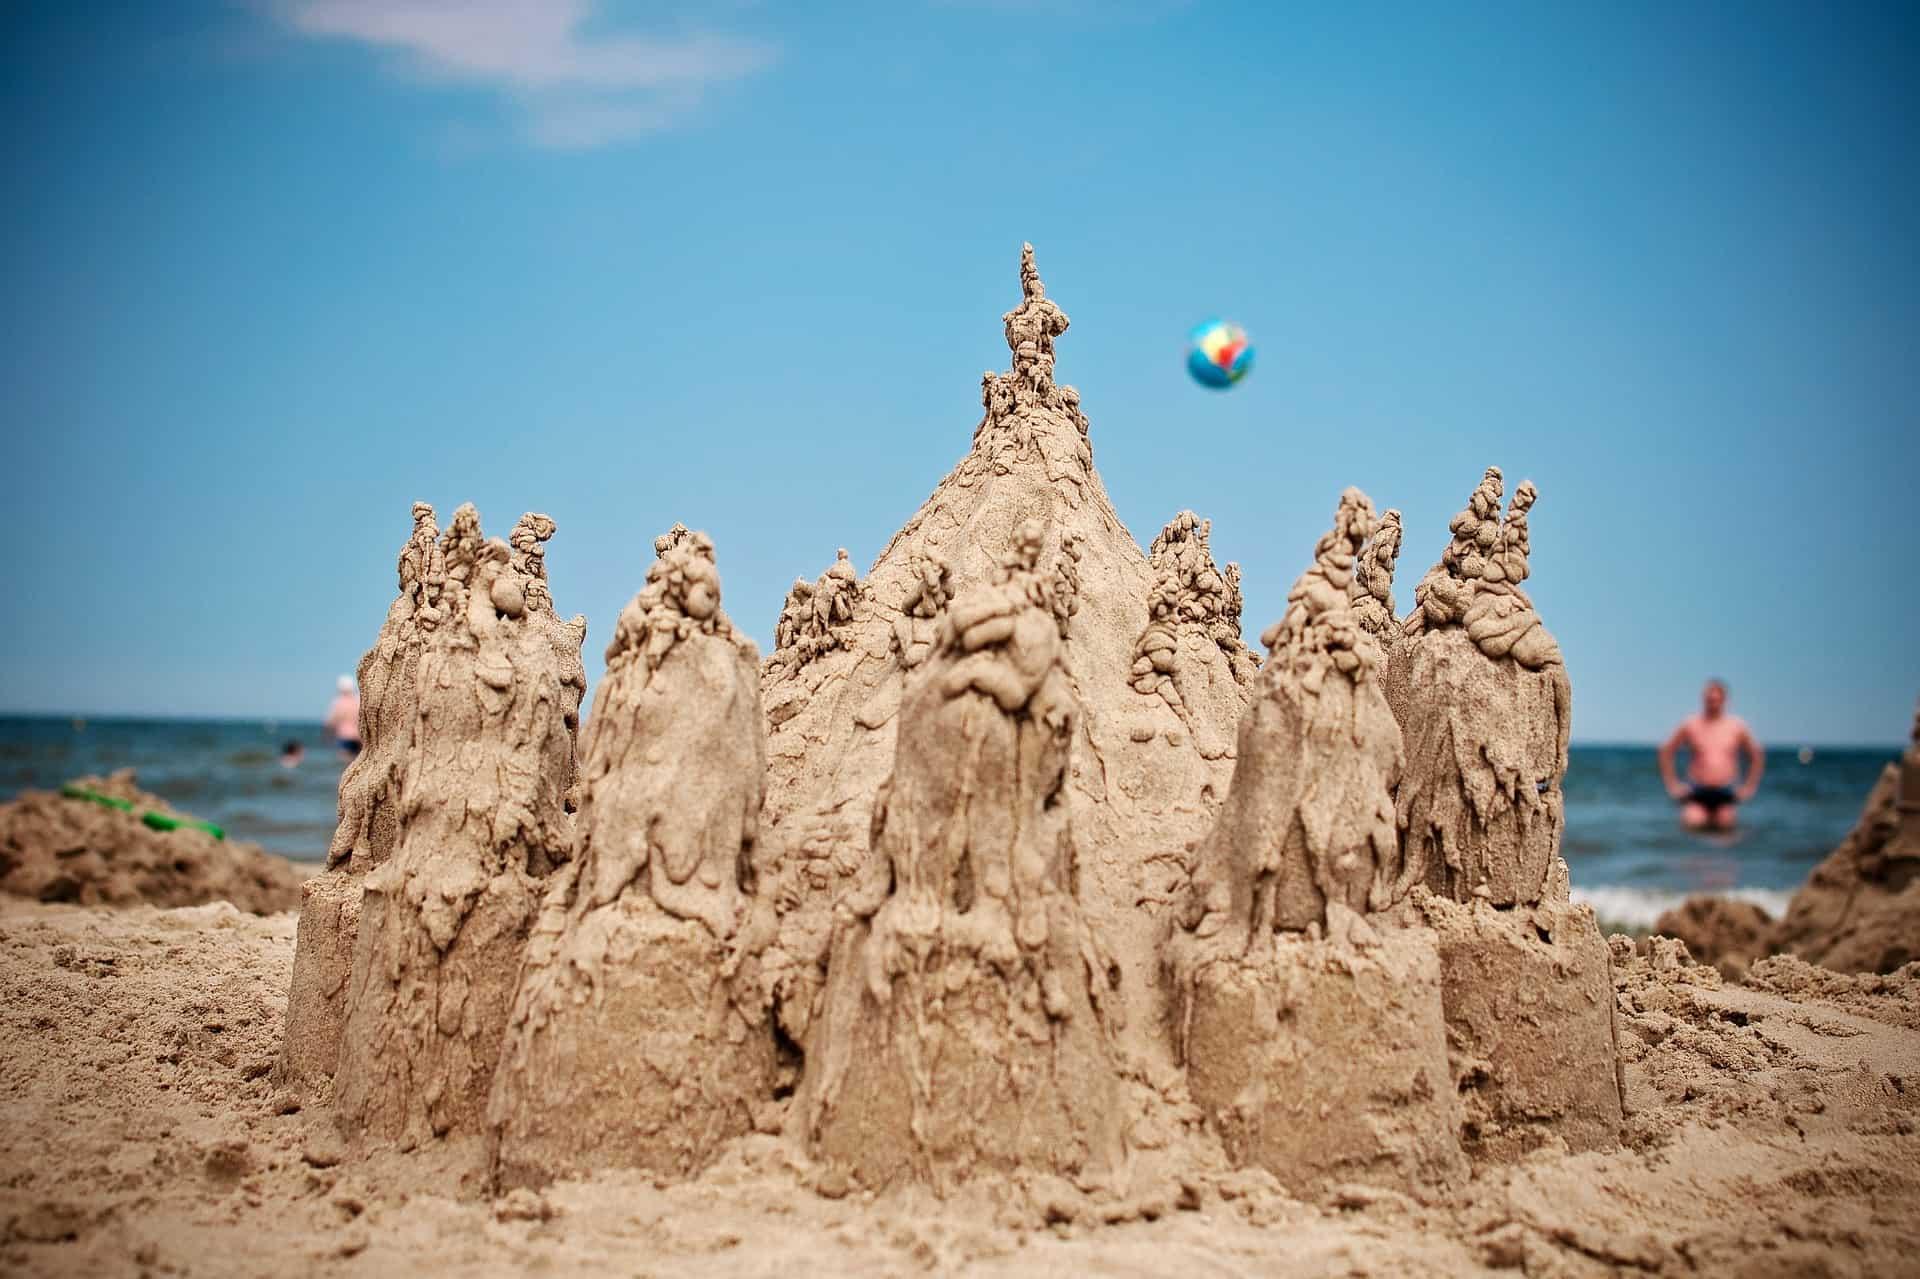 החול עדיין בחינם, צילום אילוסטרציה